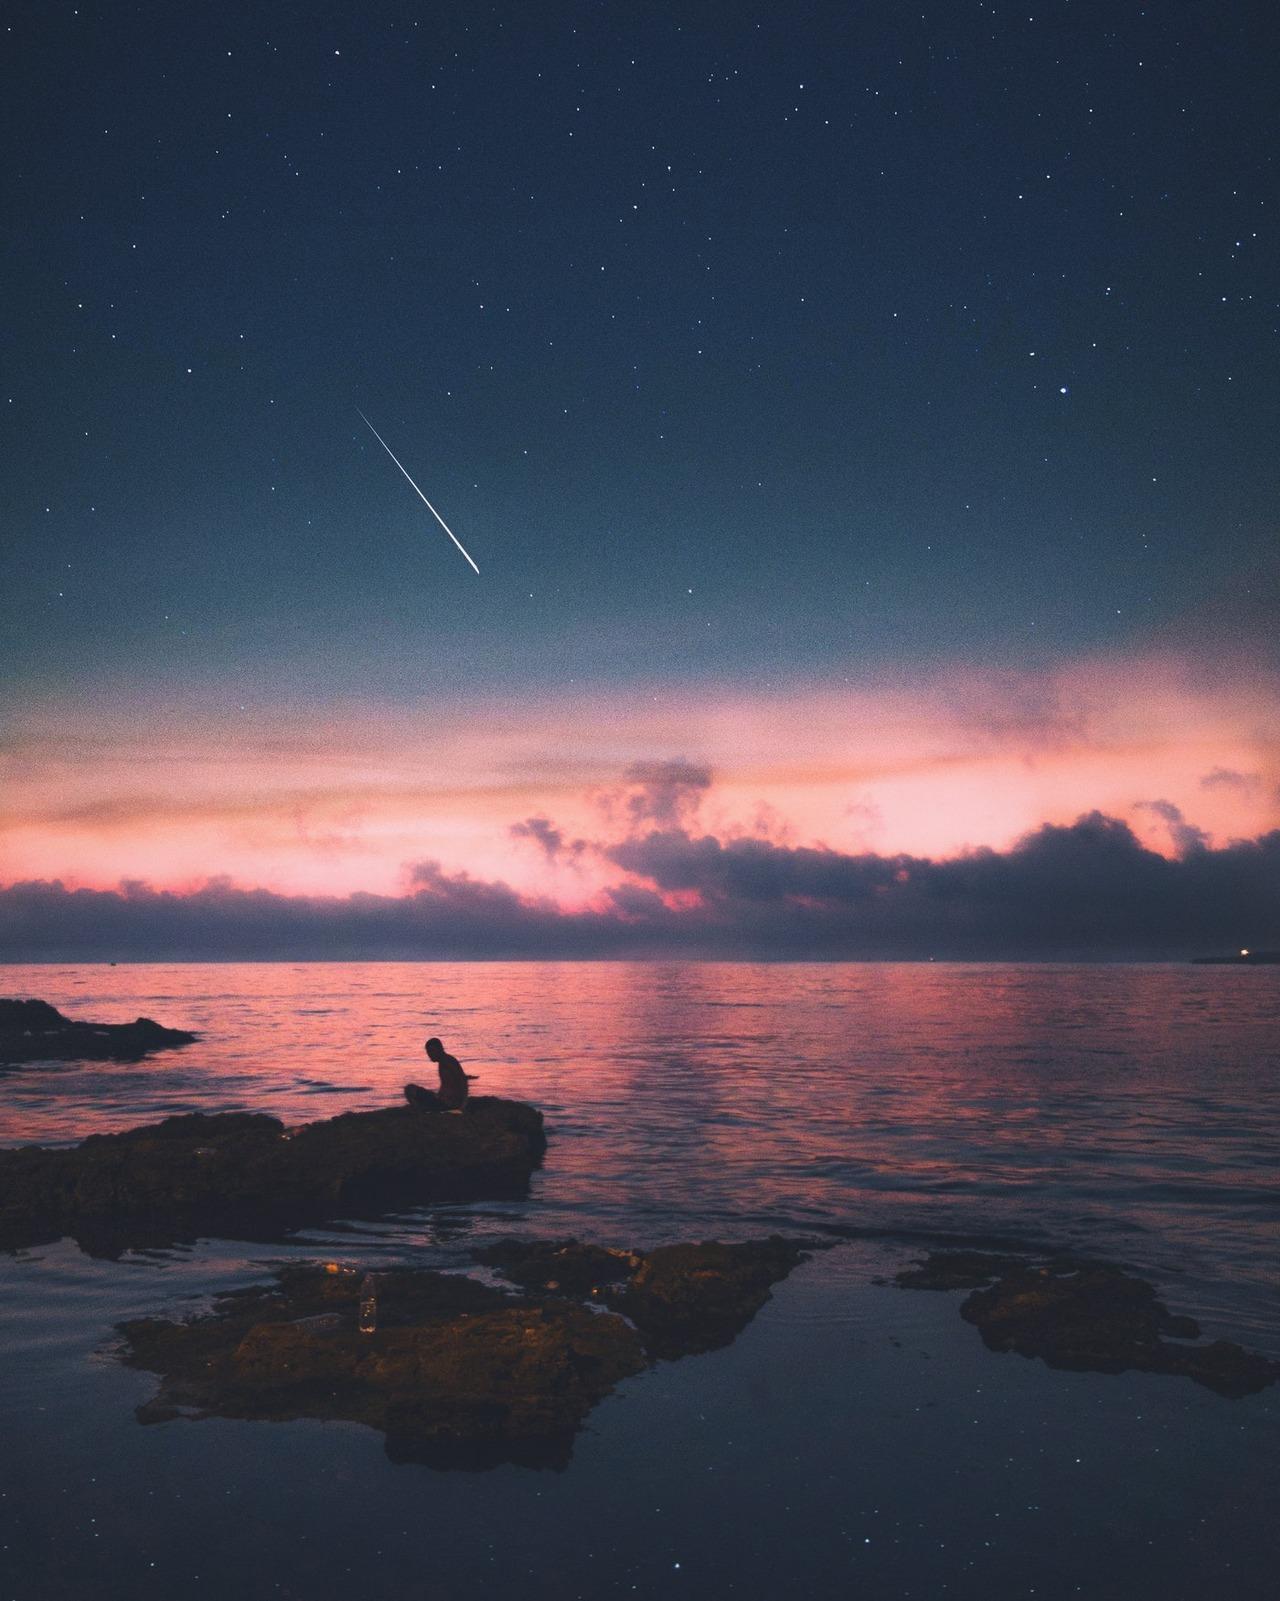 Картинка для ~ падающая звезда ~